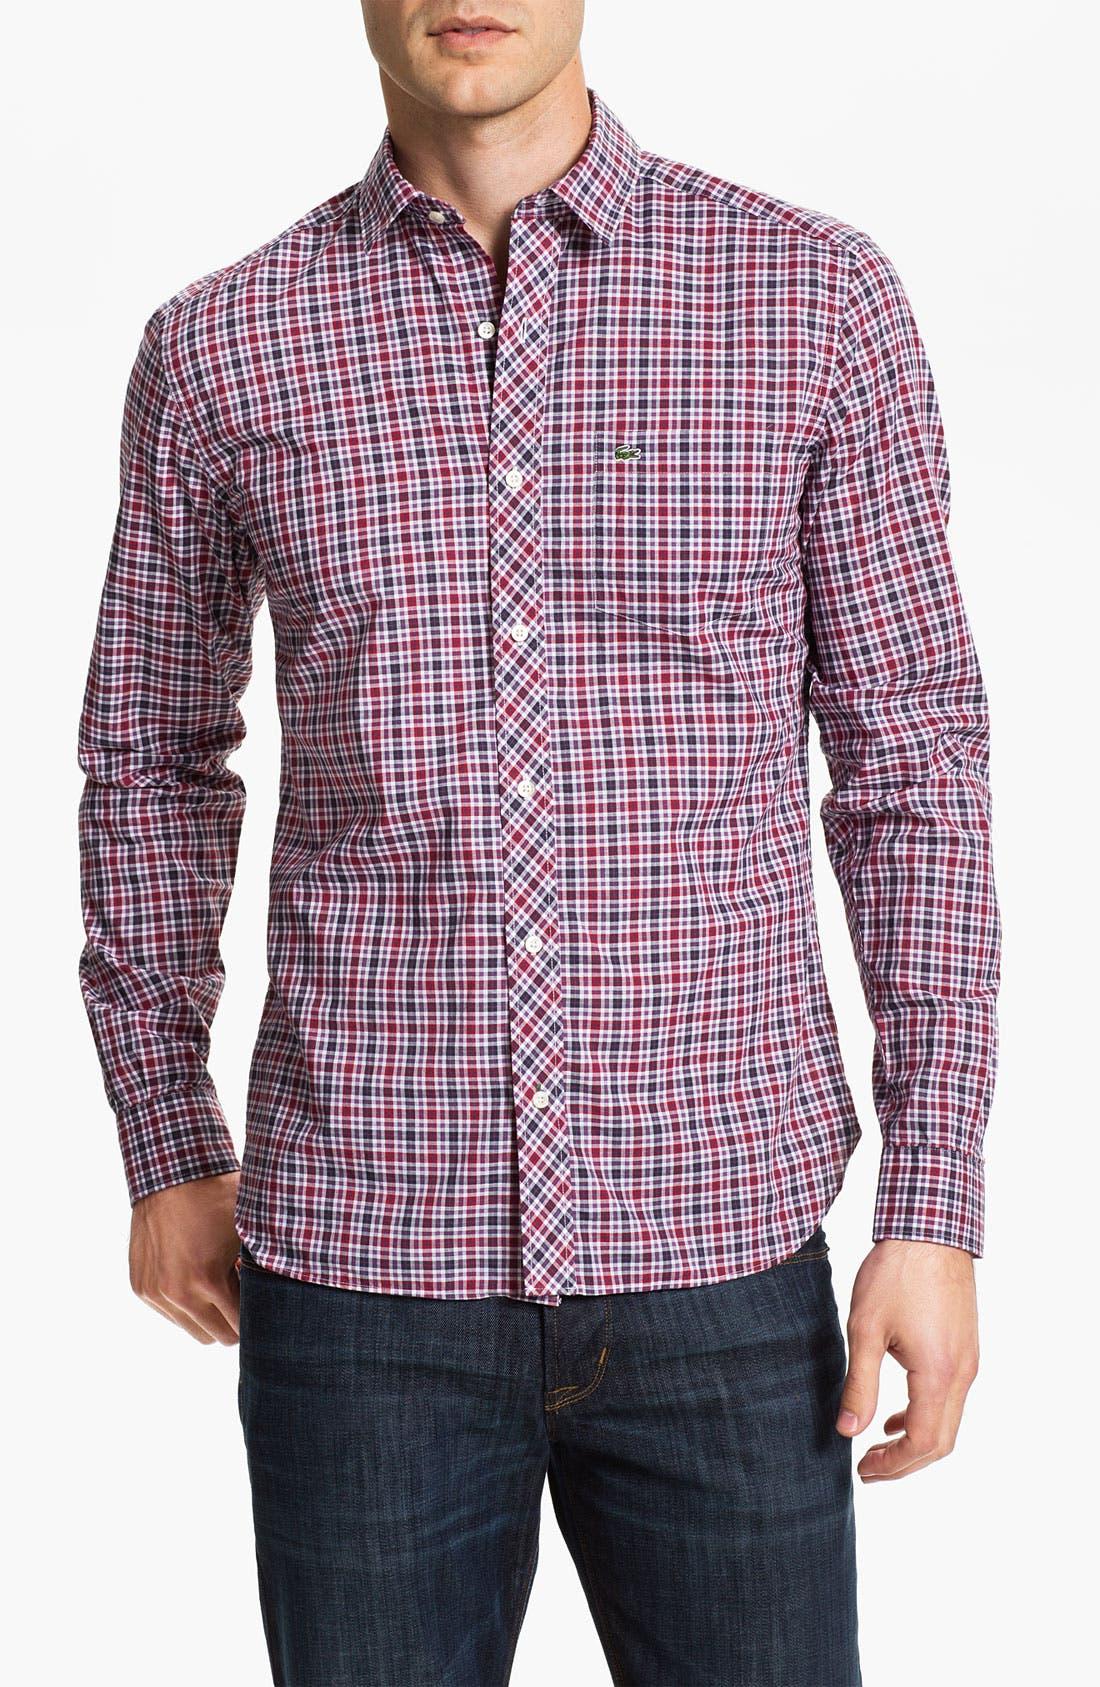 Main Image - Lacoste Slim Fit Plaid Sport Shirt